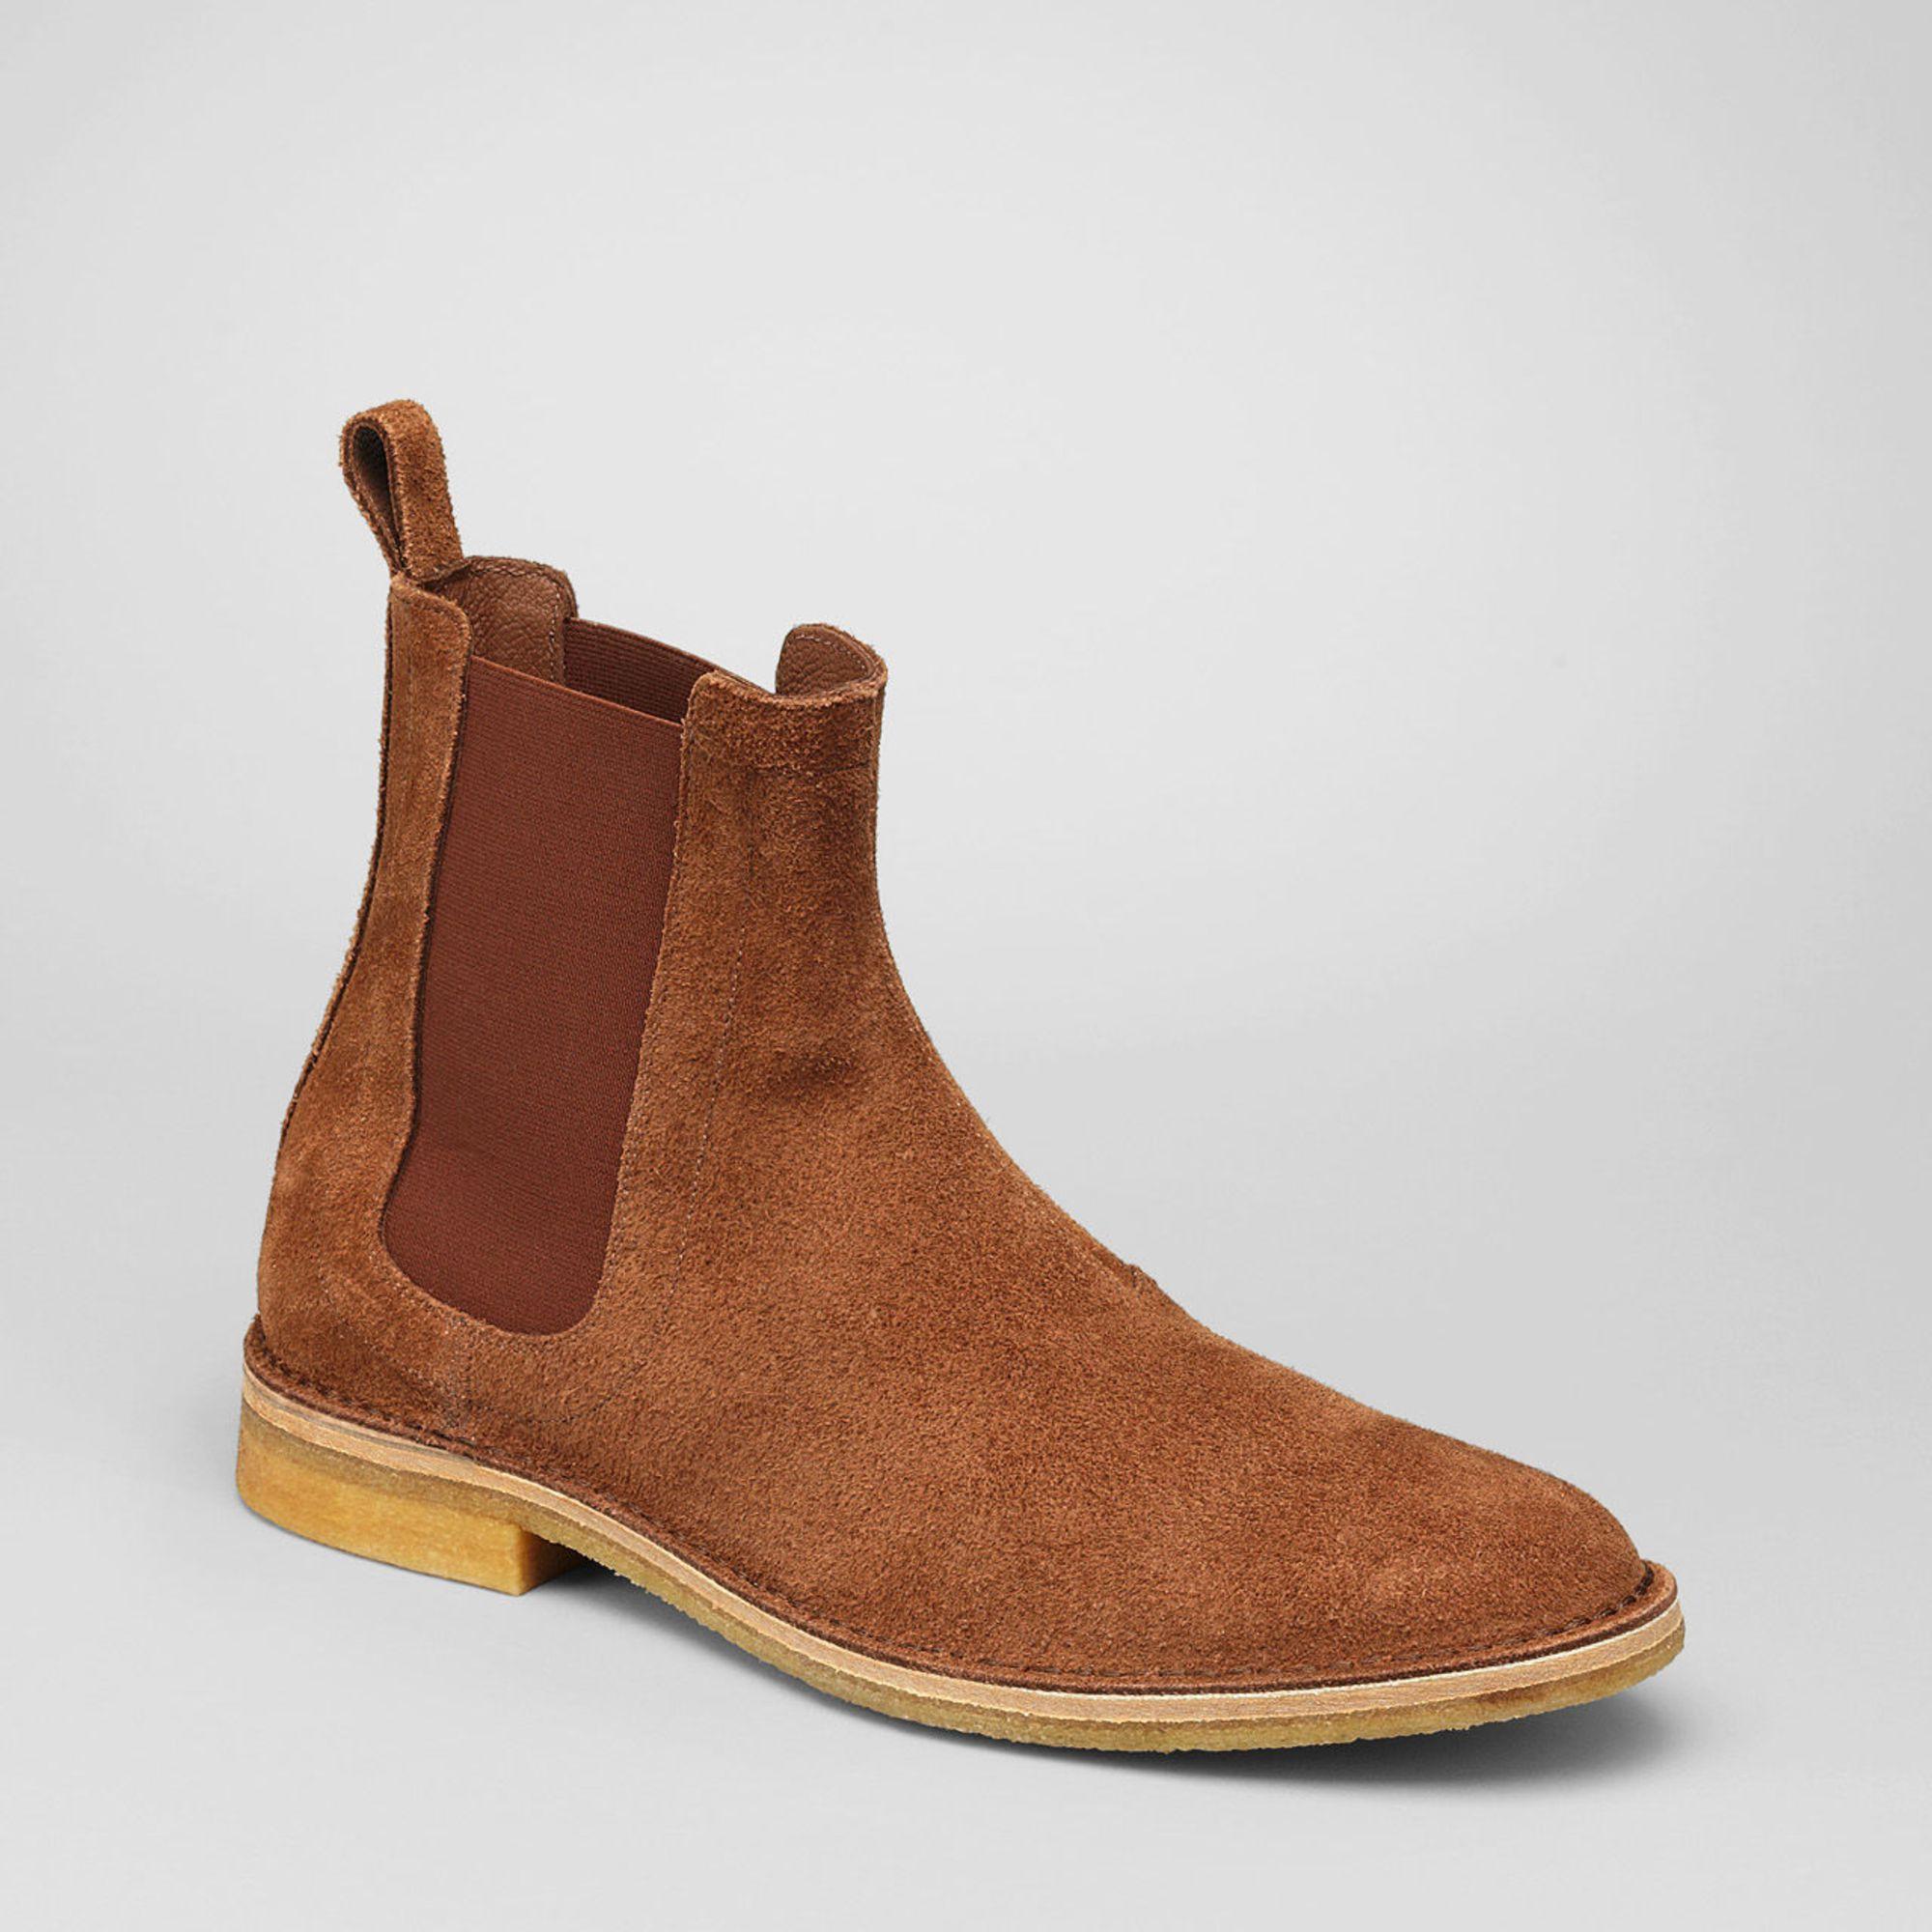 Bottega Shoes Men